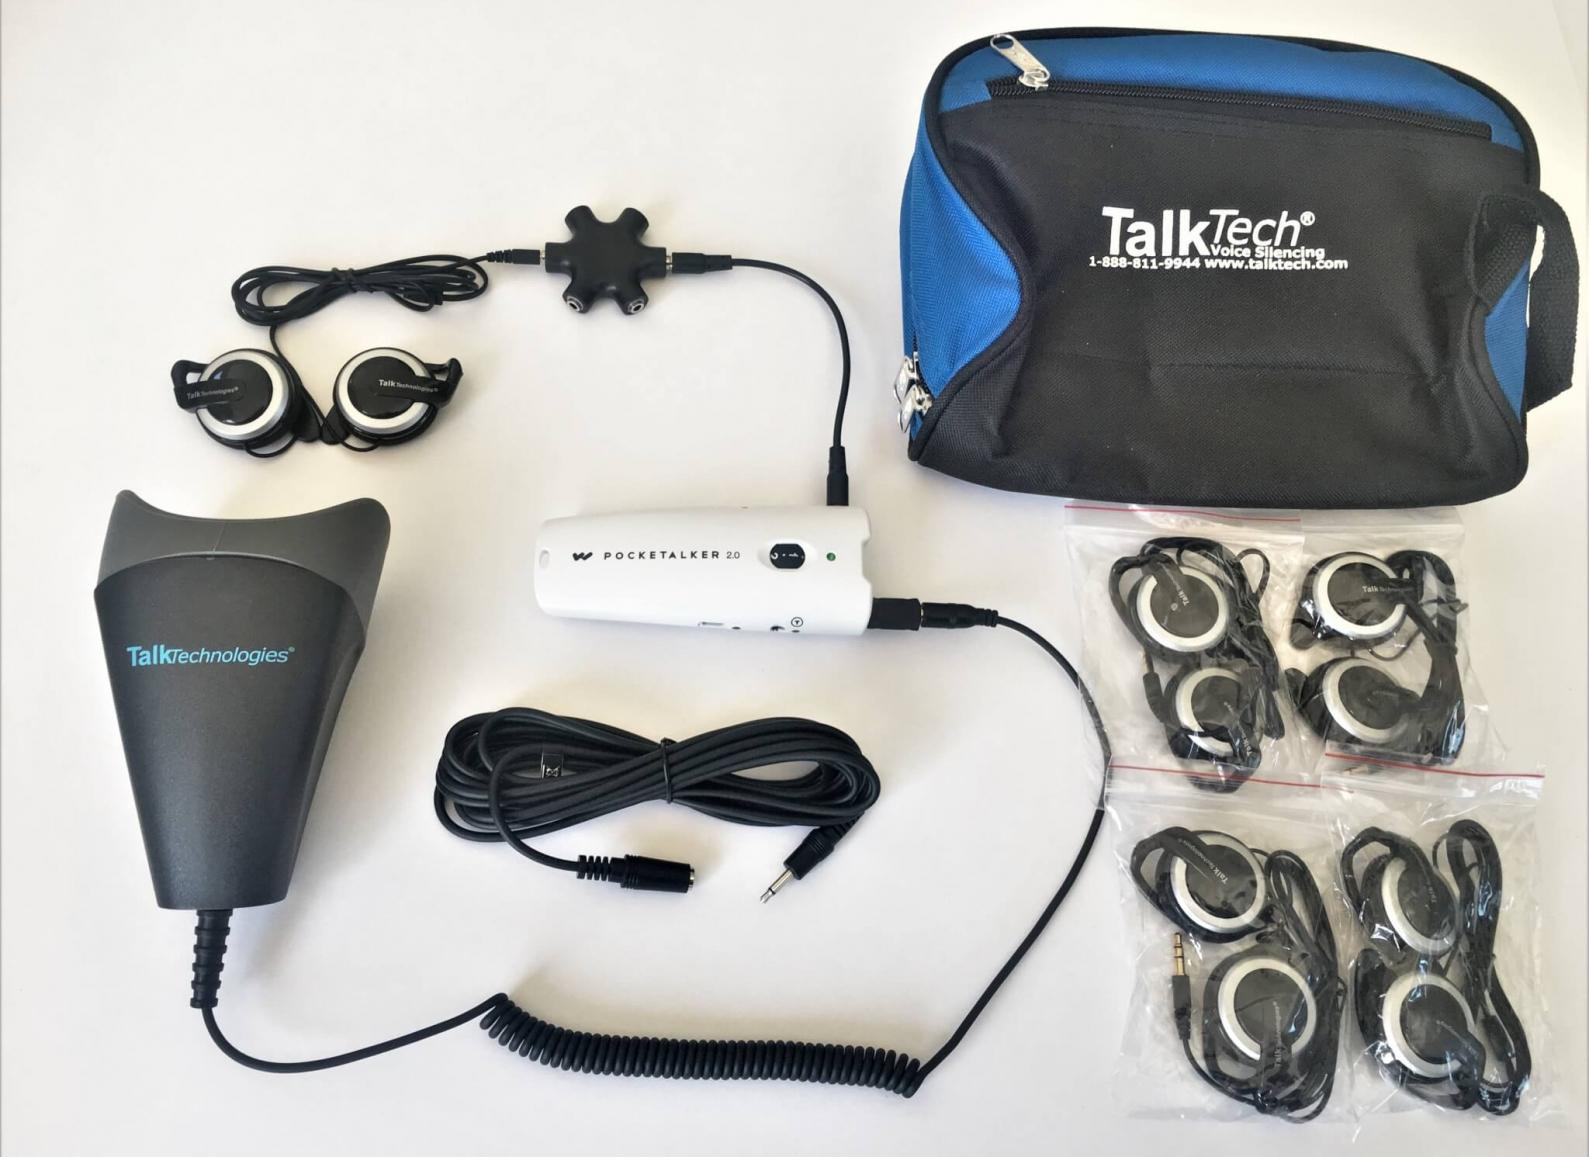 Pocket TalkSystem